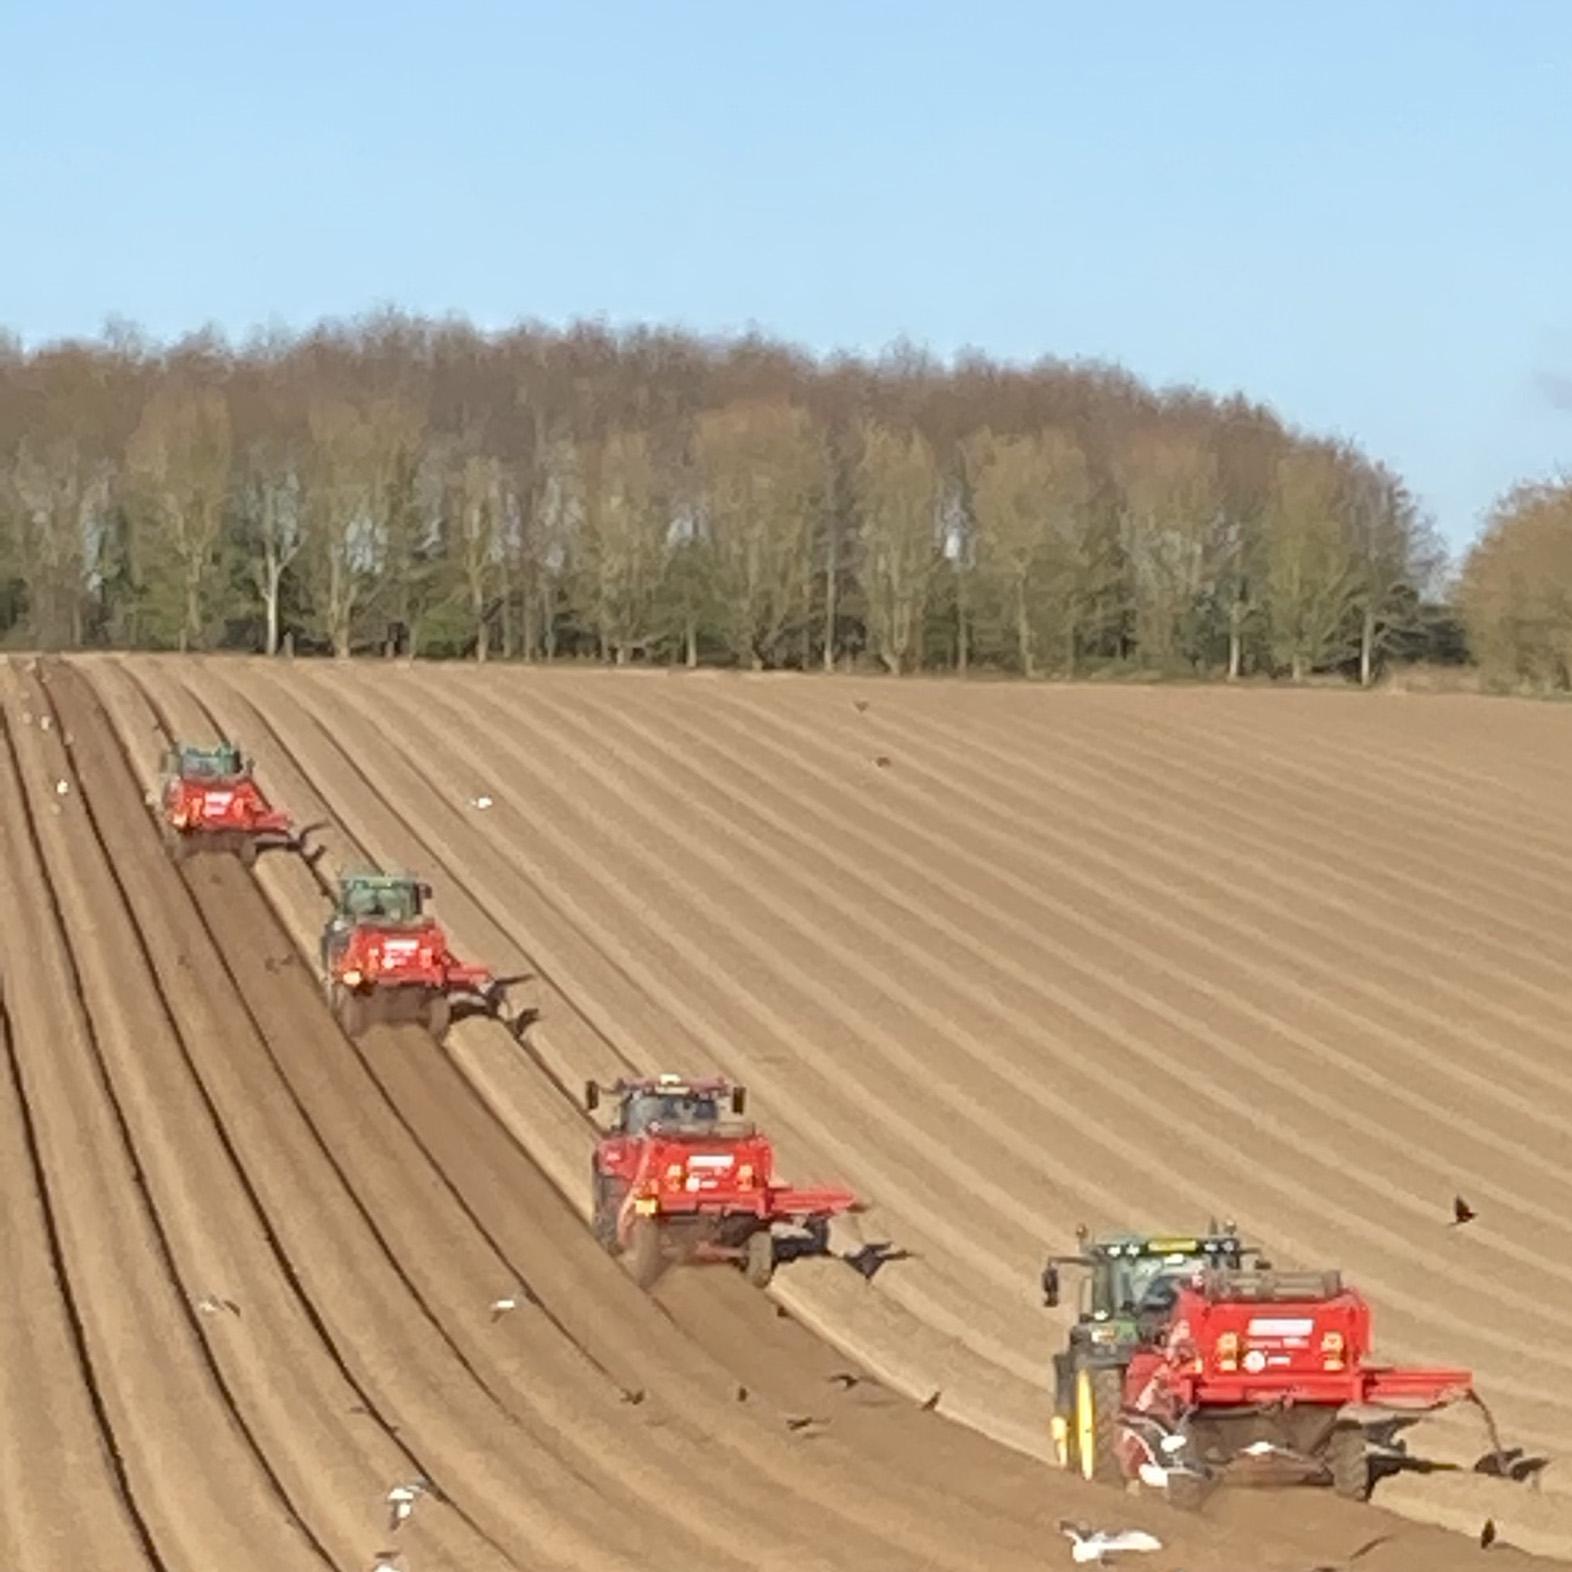 Tractors harvesting potatoes